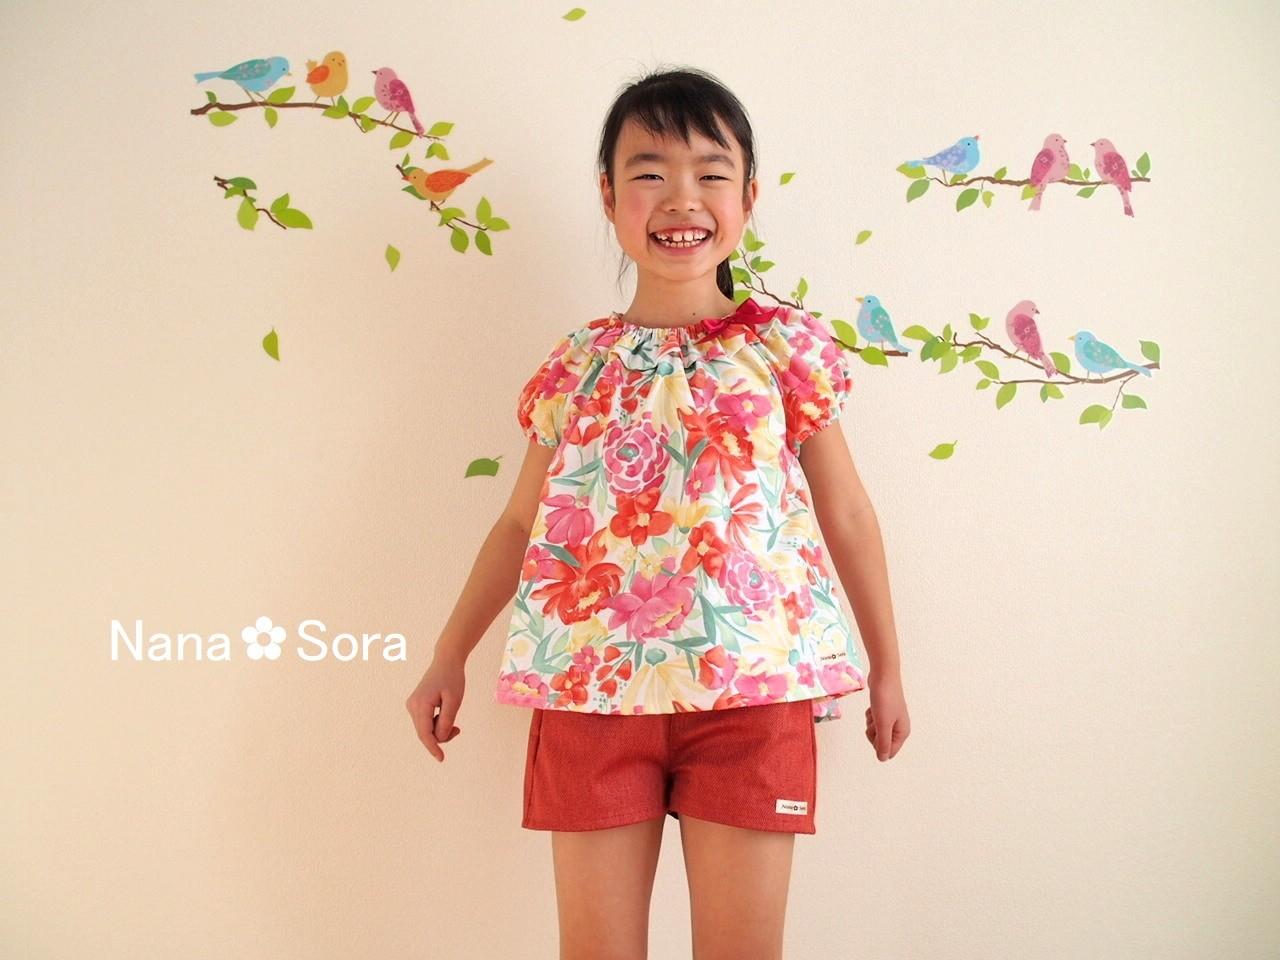 フリル襟が可愛い♪トロピカルな花柄の子供のブラウス♪